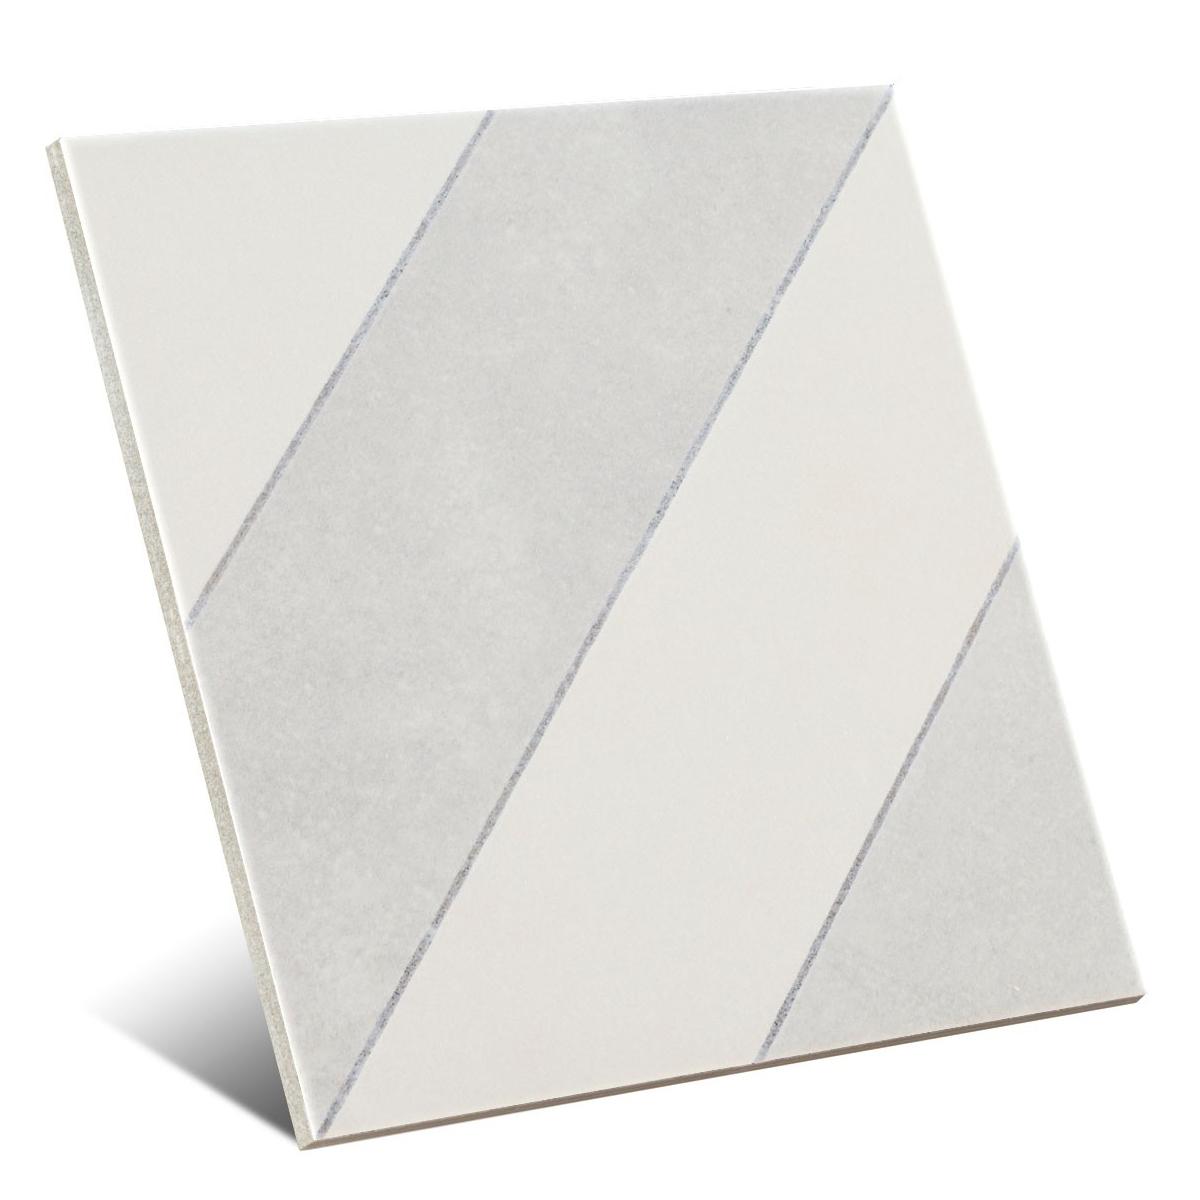 Diagonals Ash 22,3x22,3 (caja 1 m2)